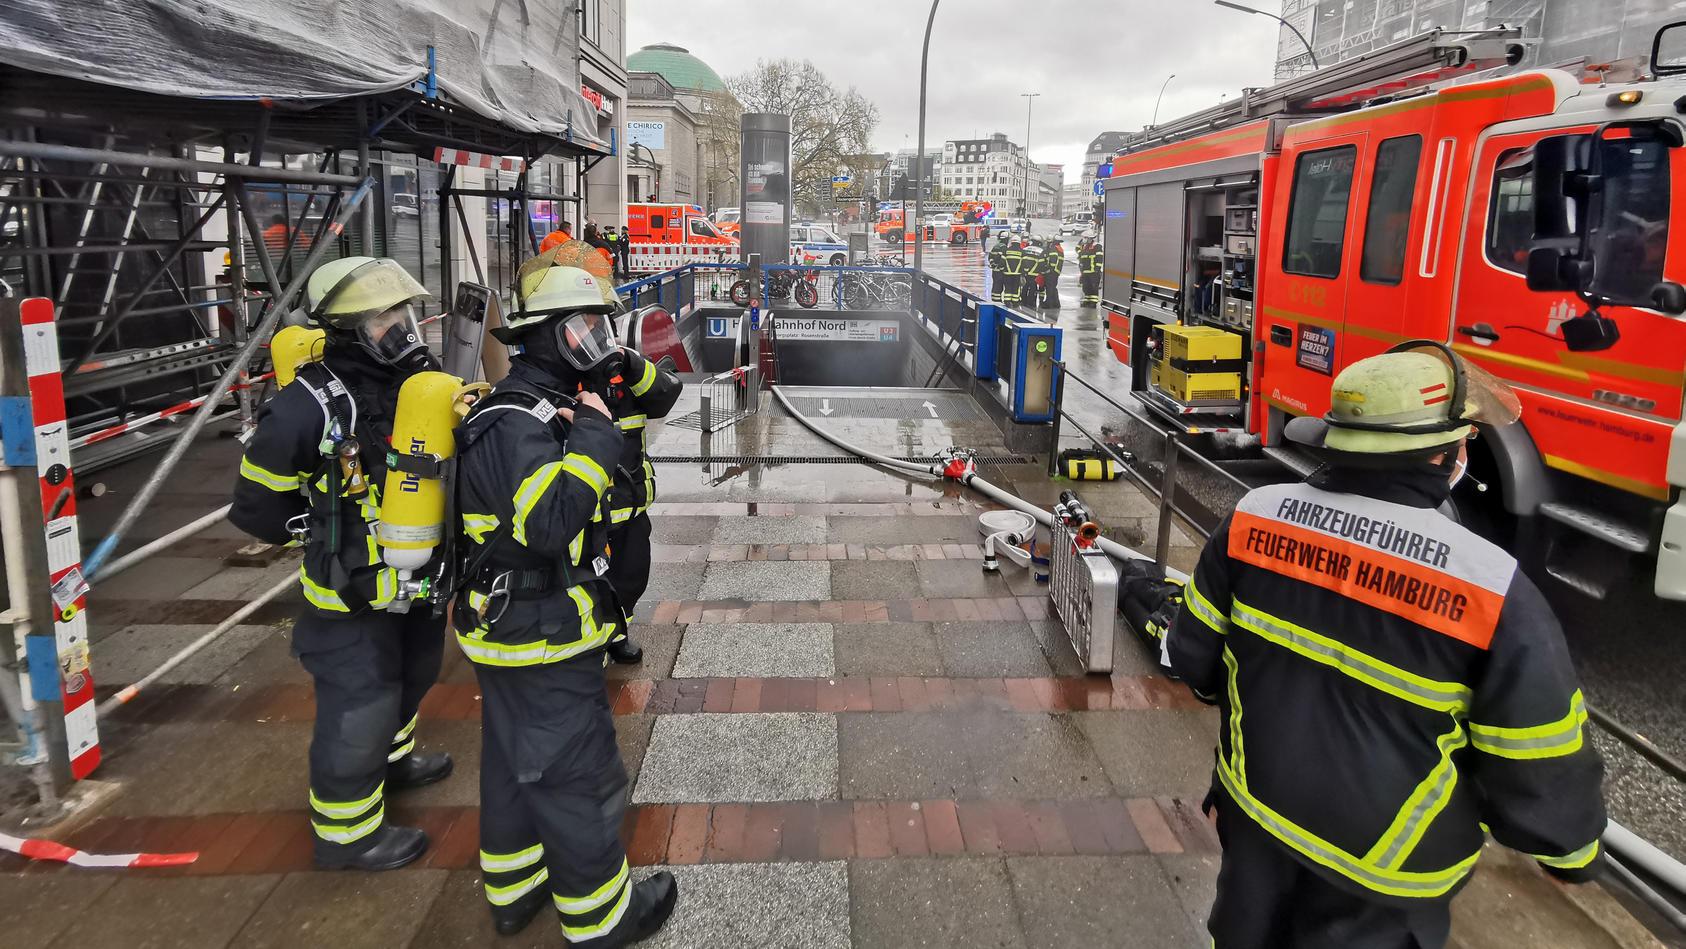 Feuerwehreinsatz am Hamburger Hauptbahnhof.